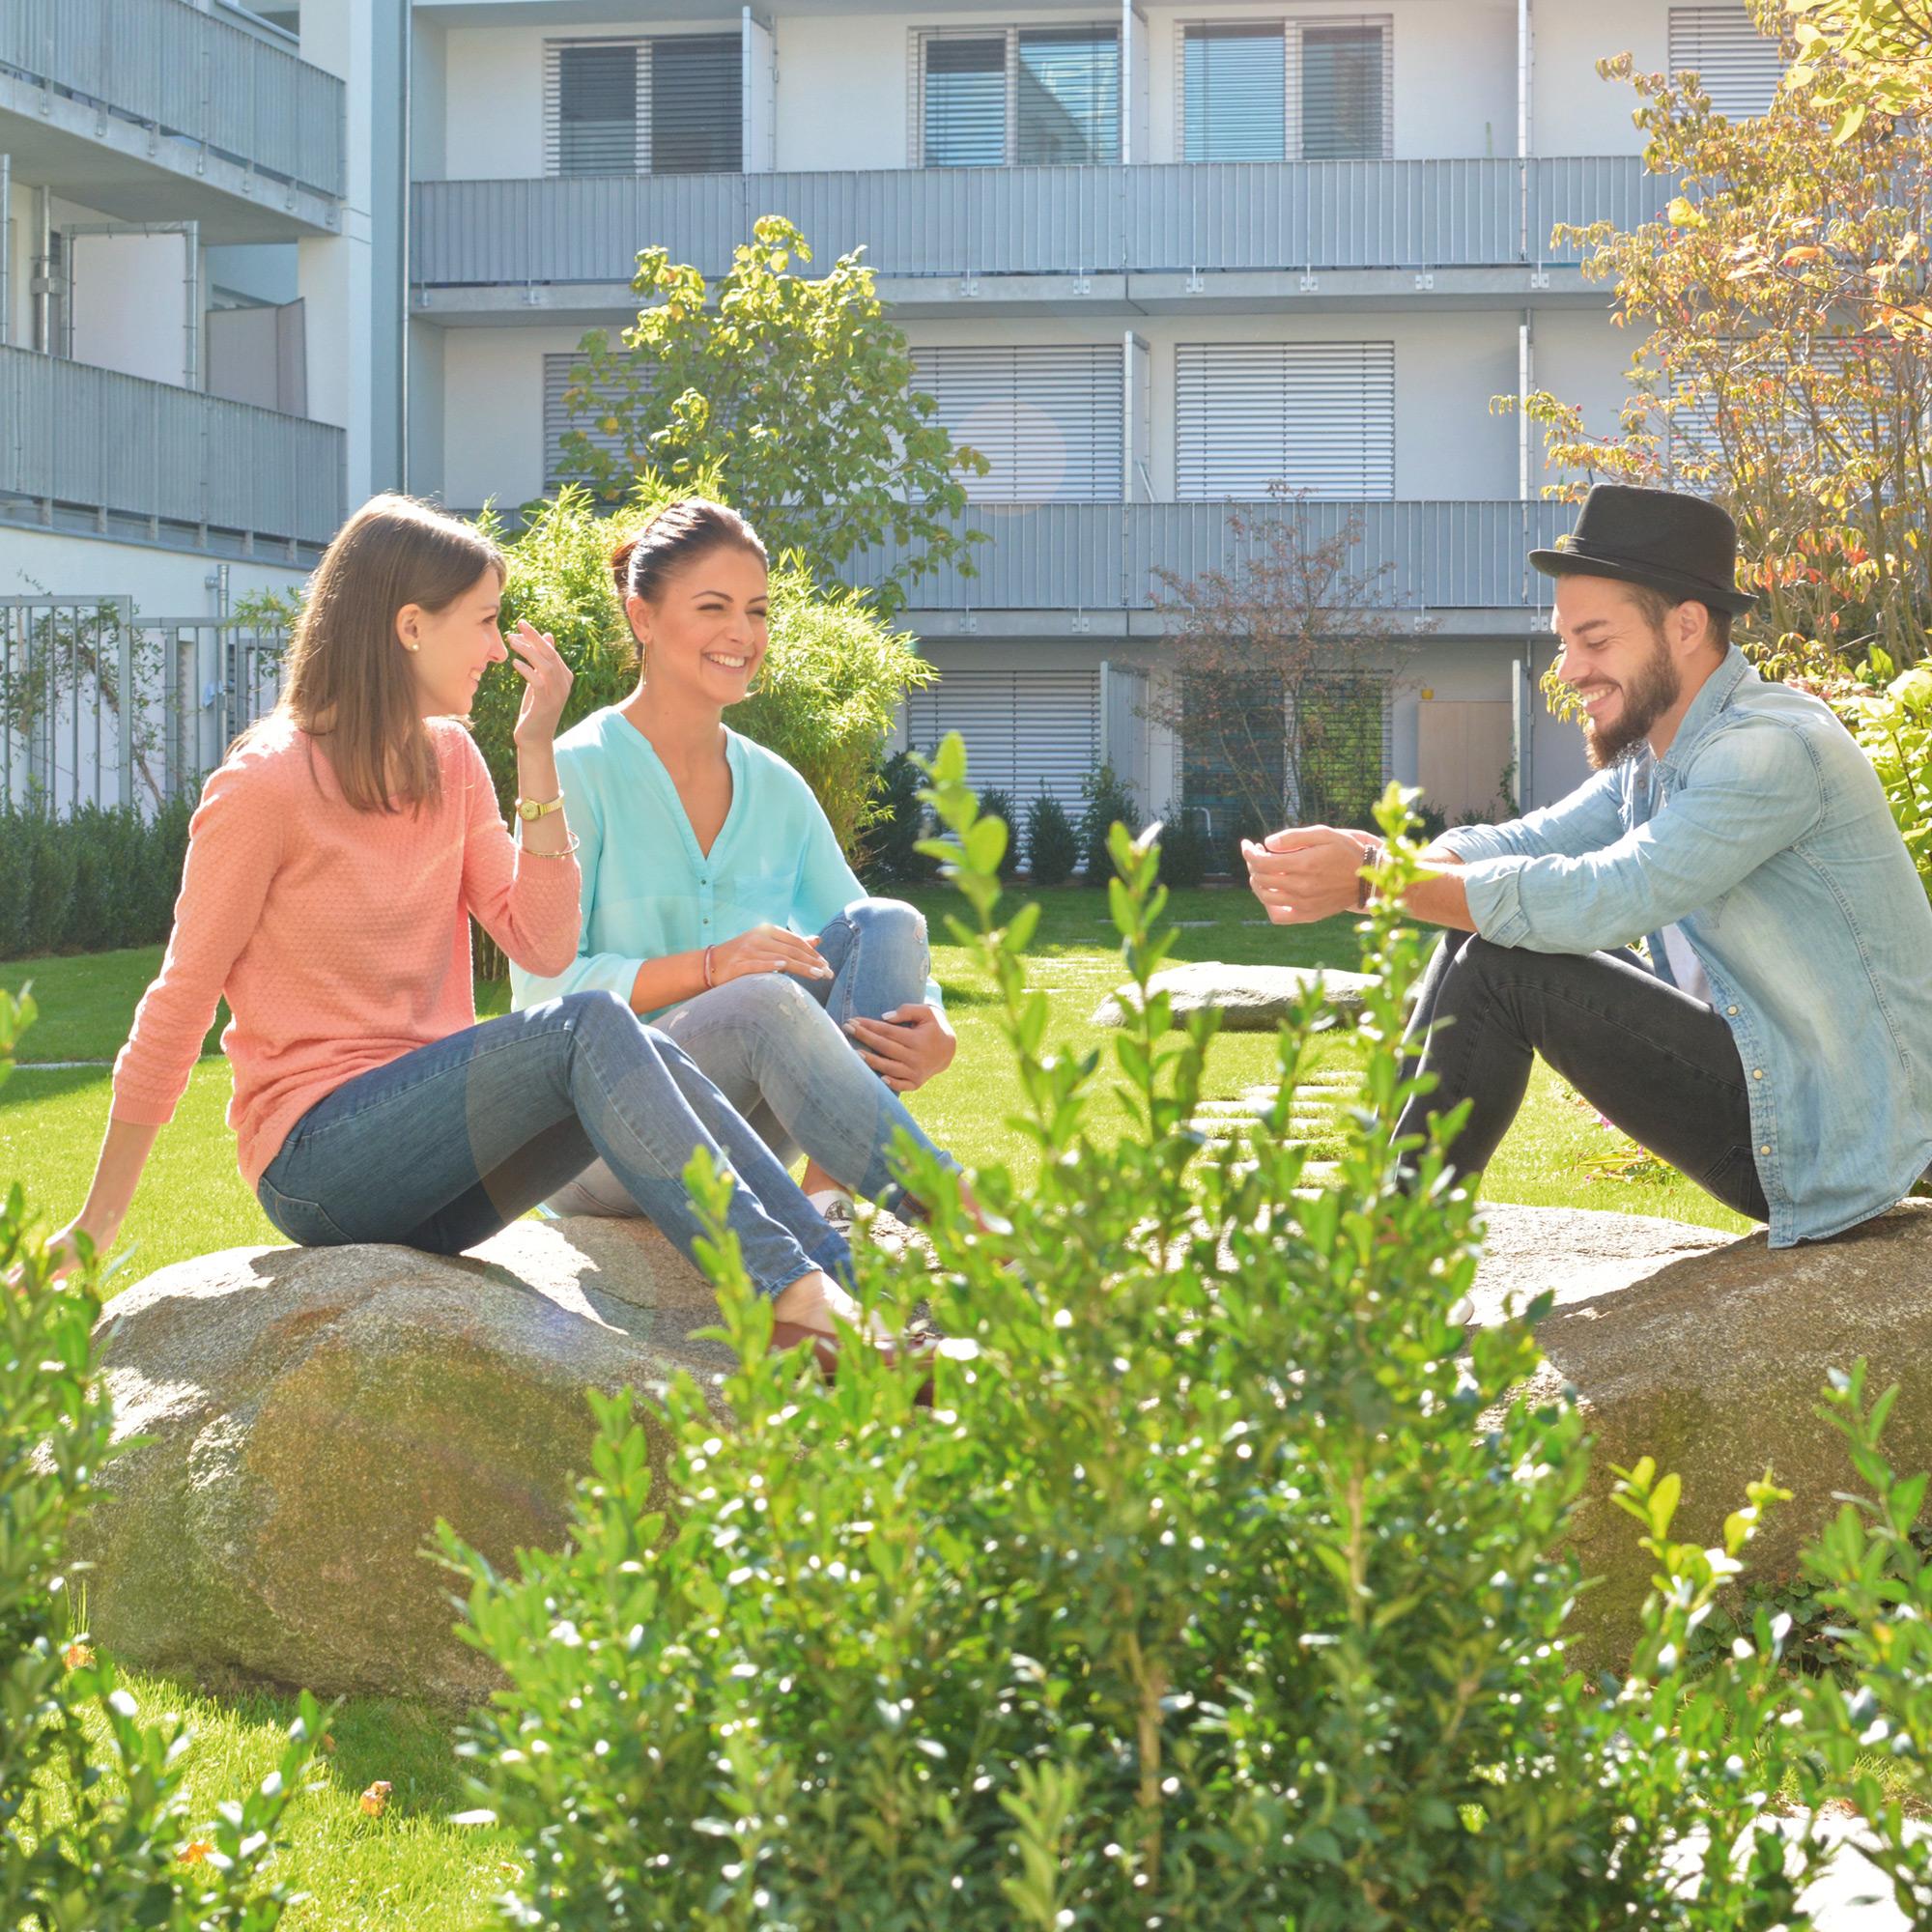 Studenten im begrünten Innenhof der Studiosus 3 Studentenwohnanlage